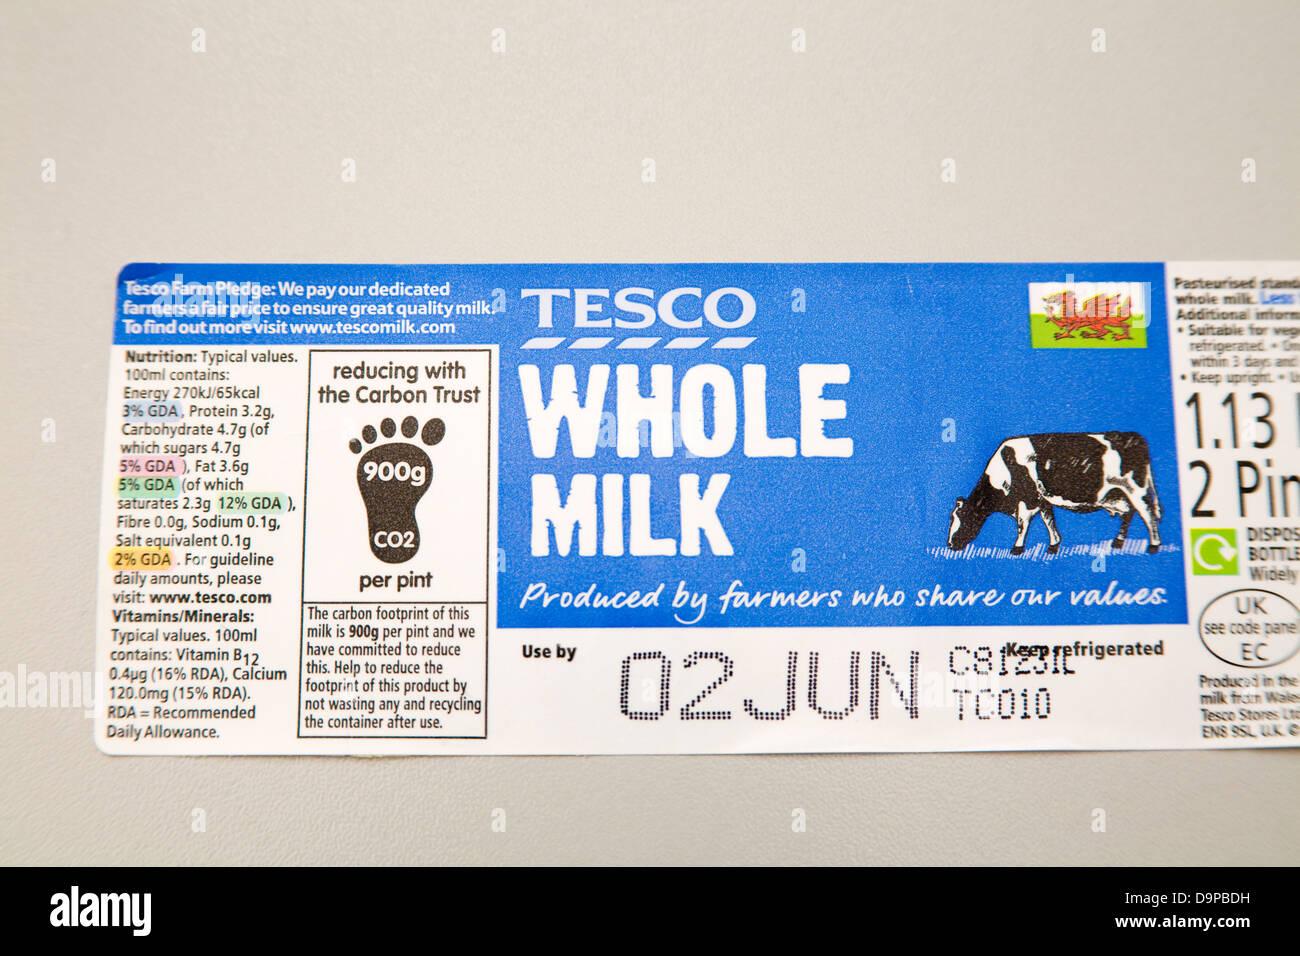 Etiqueta de Tesco leche entera tratando de reducir la huella de carbono Imagen De Stock